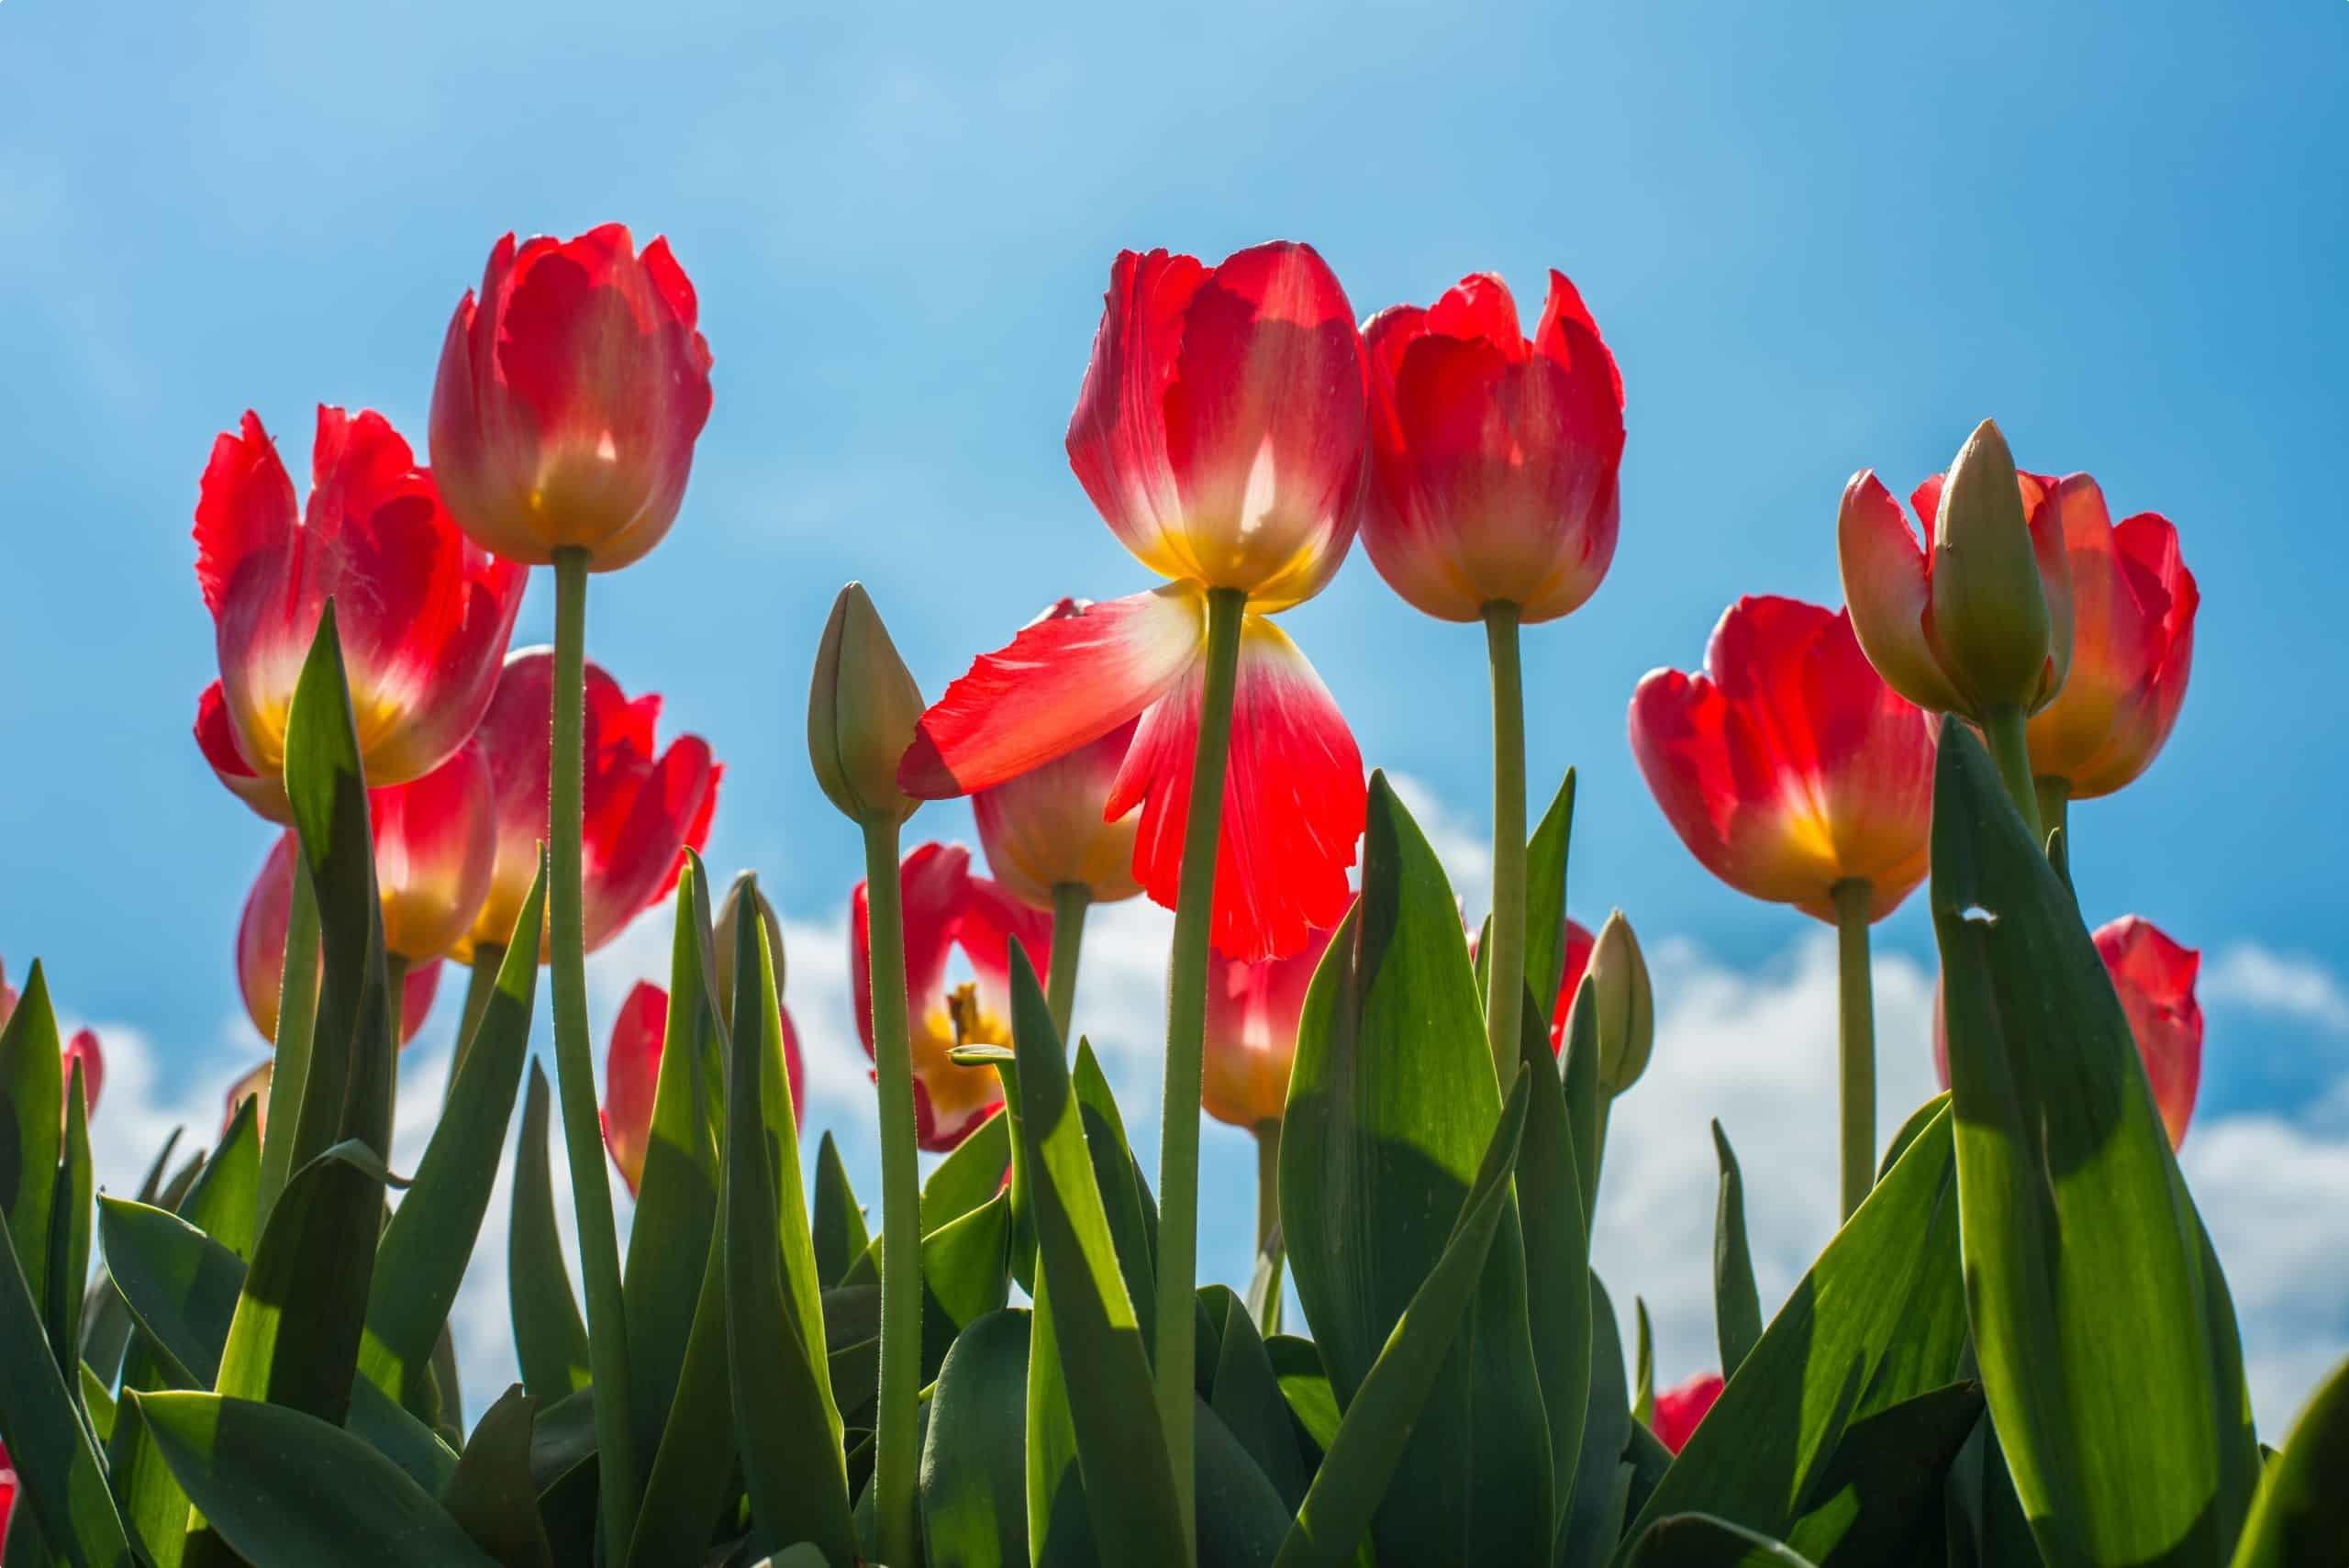 Australian tulips